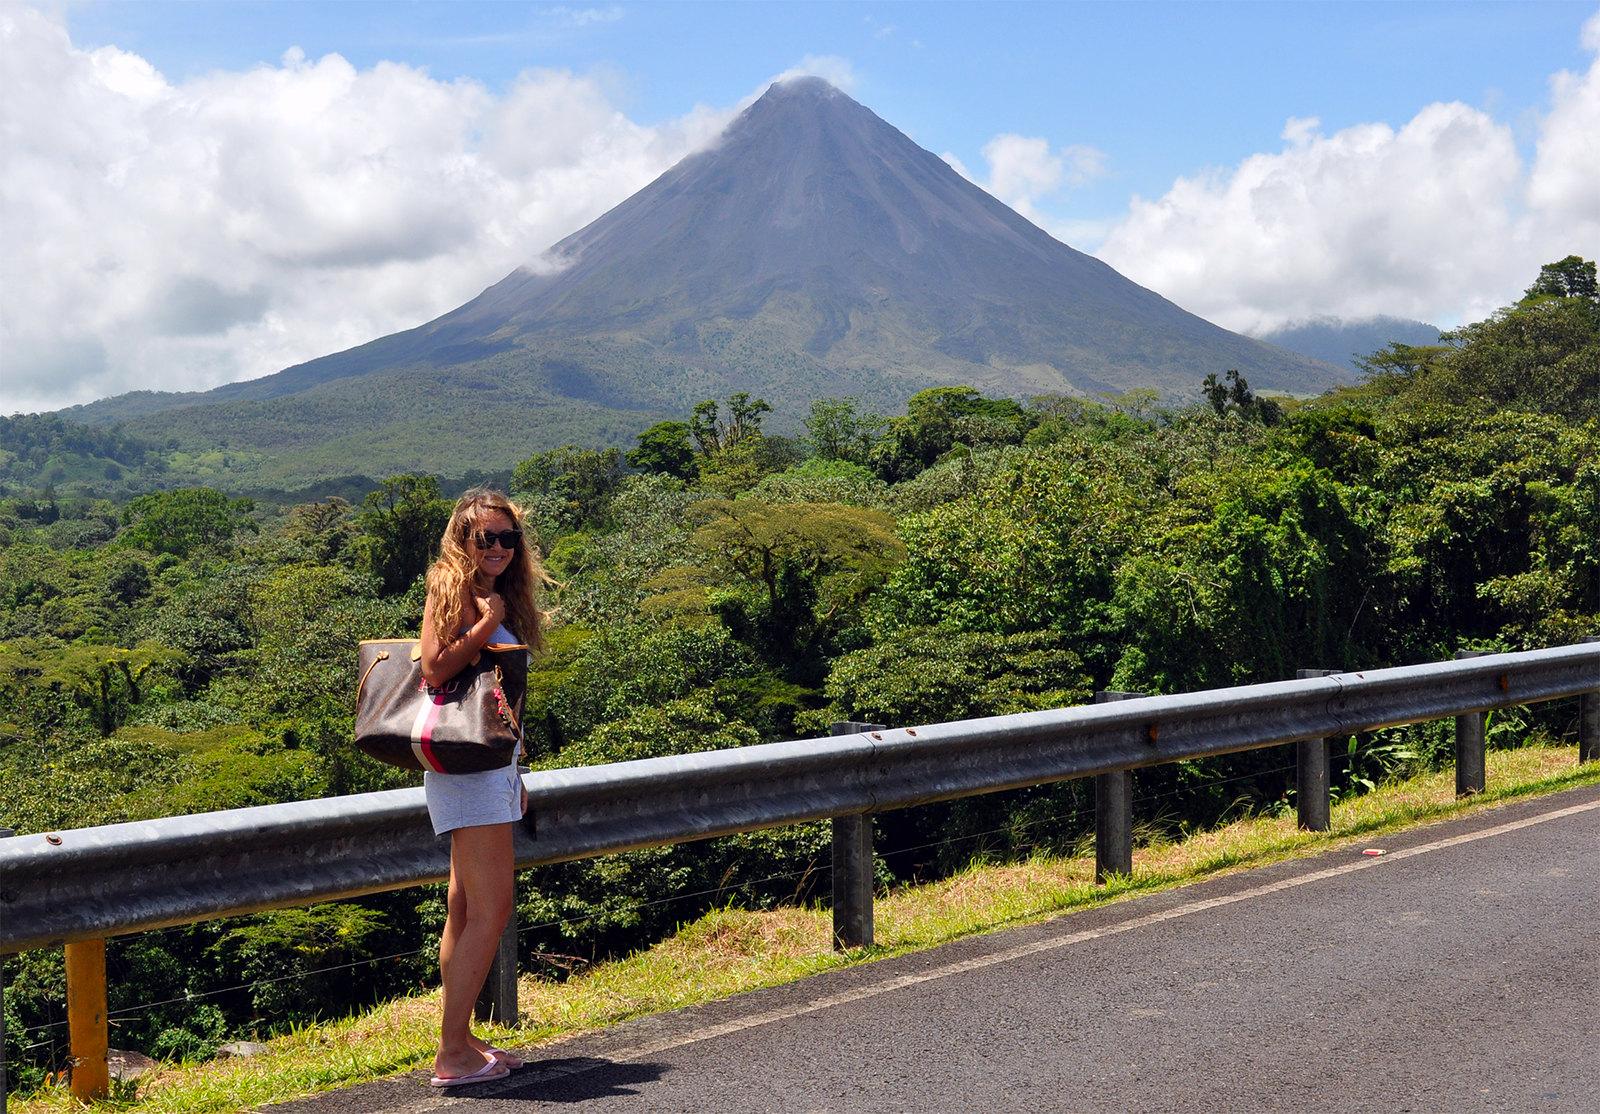 Viajar a Costa Rica / Ruta por Costa Rica en 3 semanas ruta por costa rica - 38217186242 769c96899c h - Ruta por Costa Rica en 3 semanas